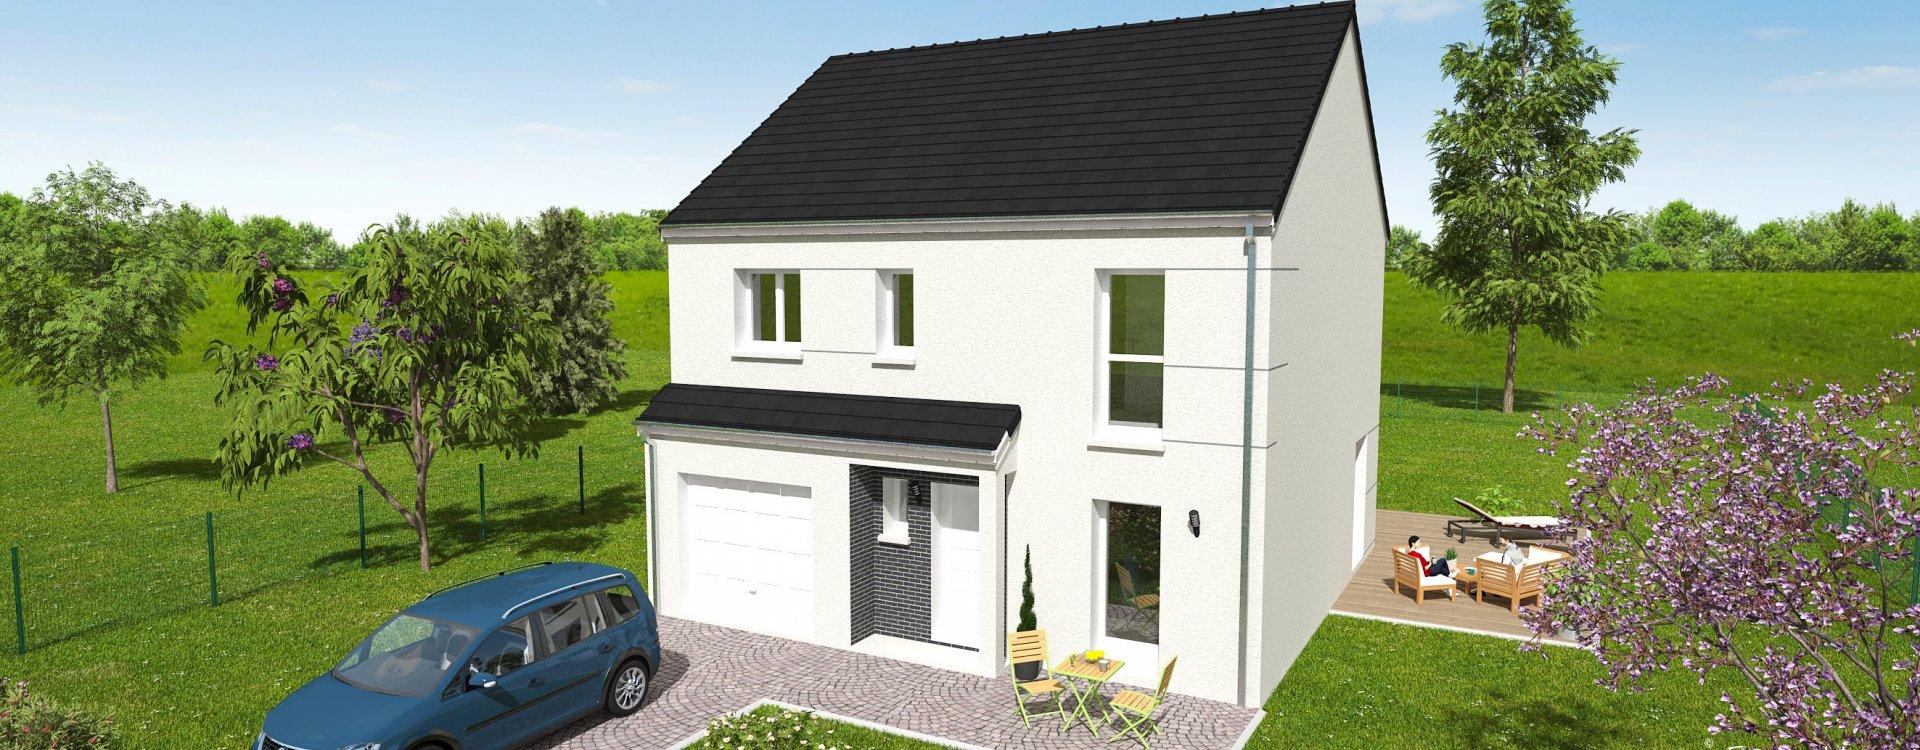 Maisons + Terrains du constructeur EASY HOUSE • 114 m² • ASCHERES LE MARCHE